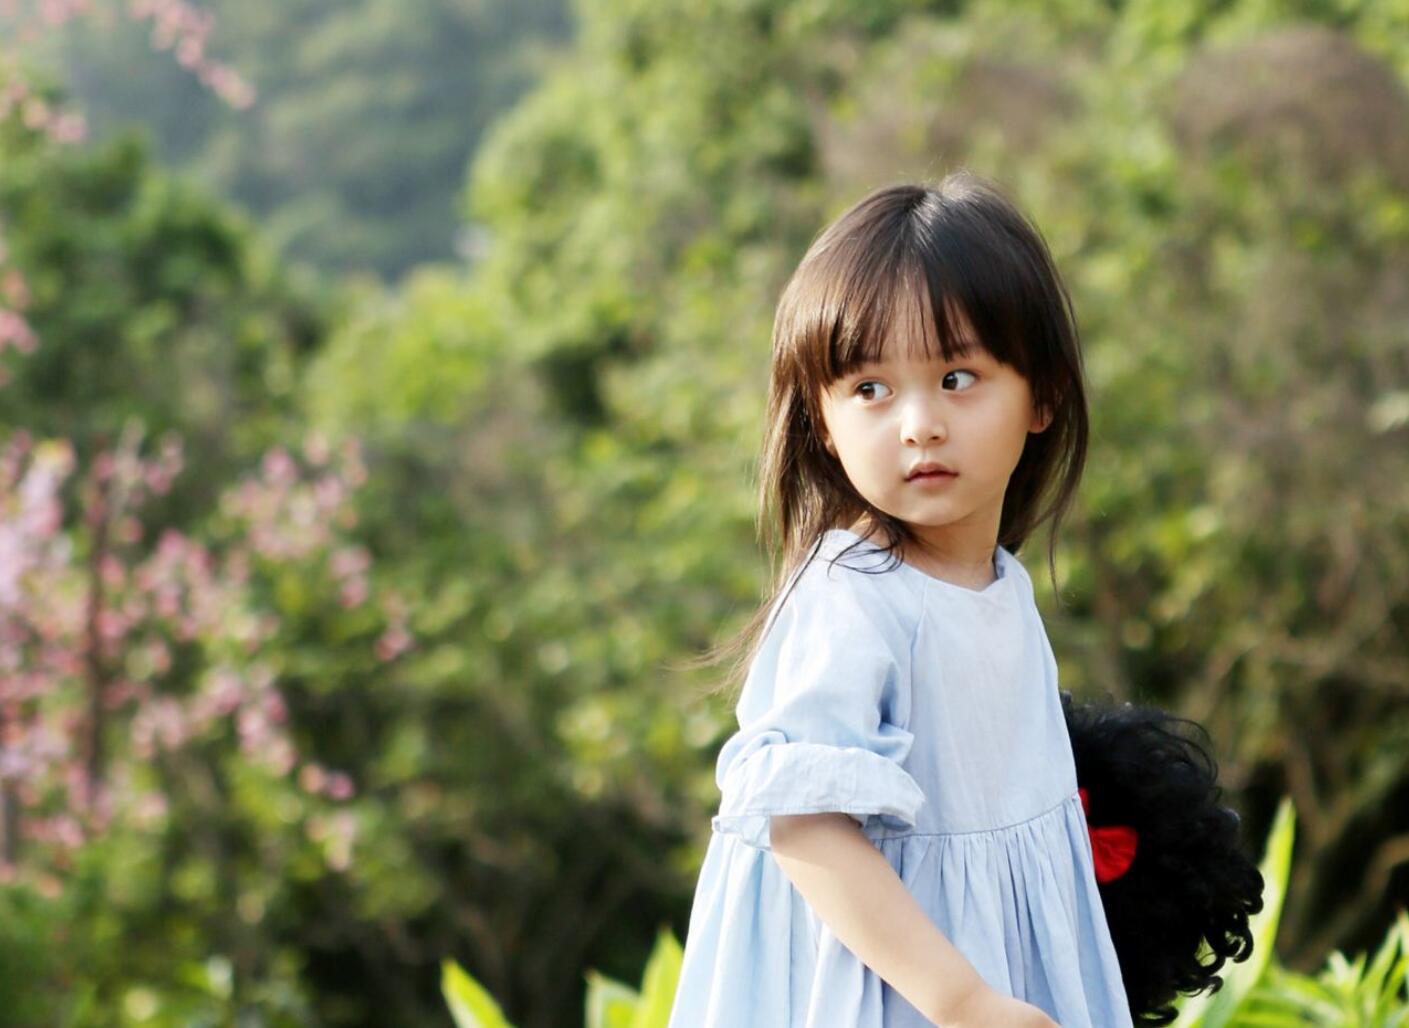 她曾出演TF的mv,与王一博牵手跳舞,今11岁就已演多部热剧